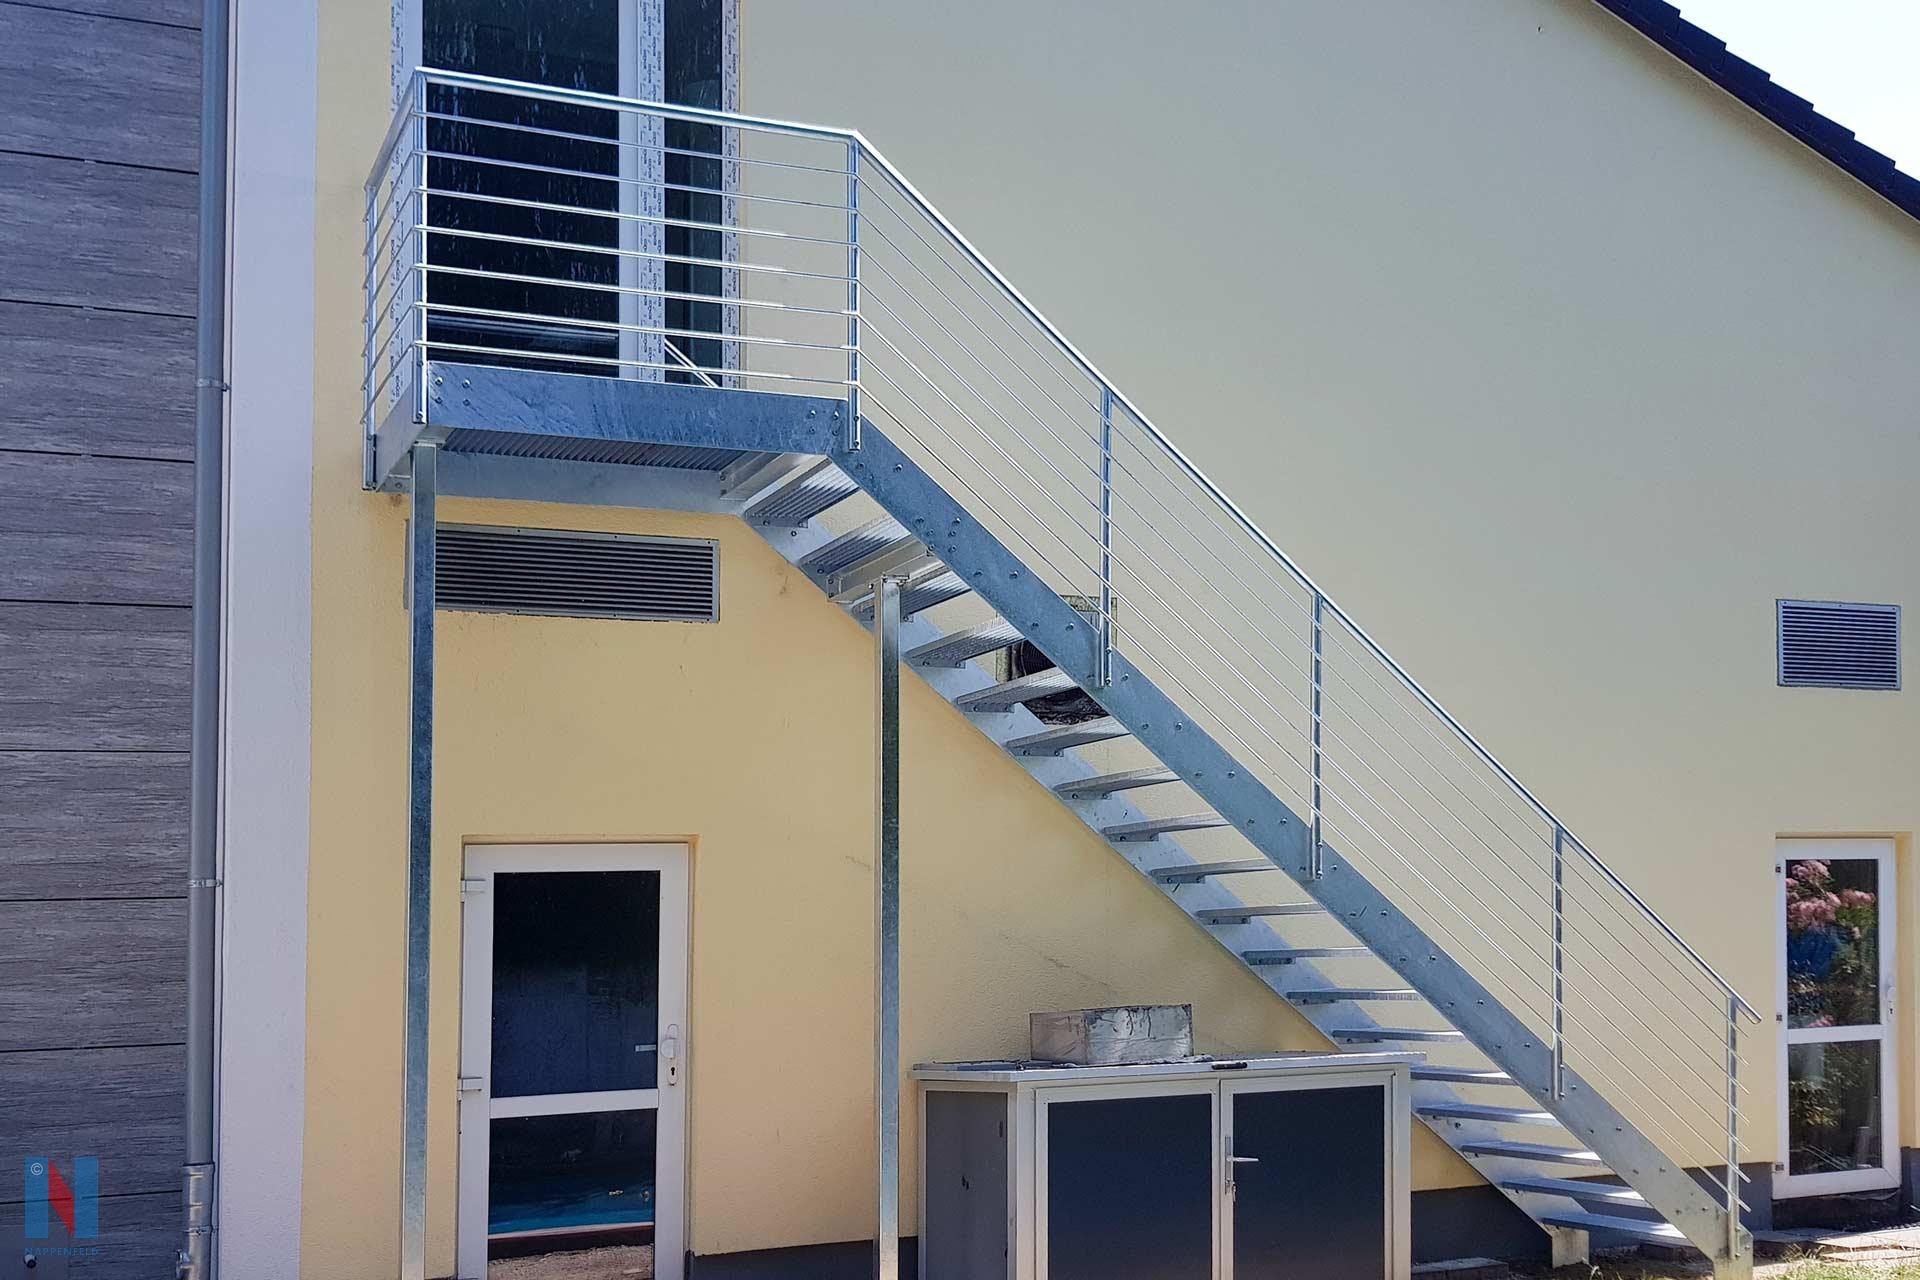 Für ein Hotel in Mülheim an der Ruhr hat die Stahlbauschlosserei Nappenfeld eine Fluchttreppe als zweiten Fluchtweg konzipiert, gebaut und montiert.